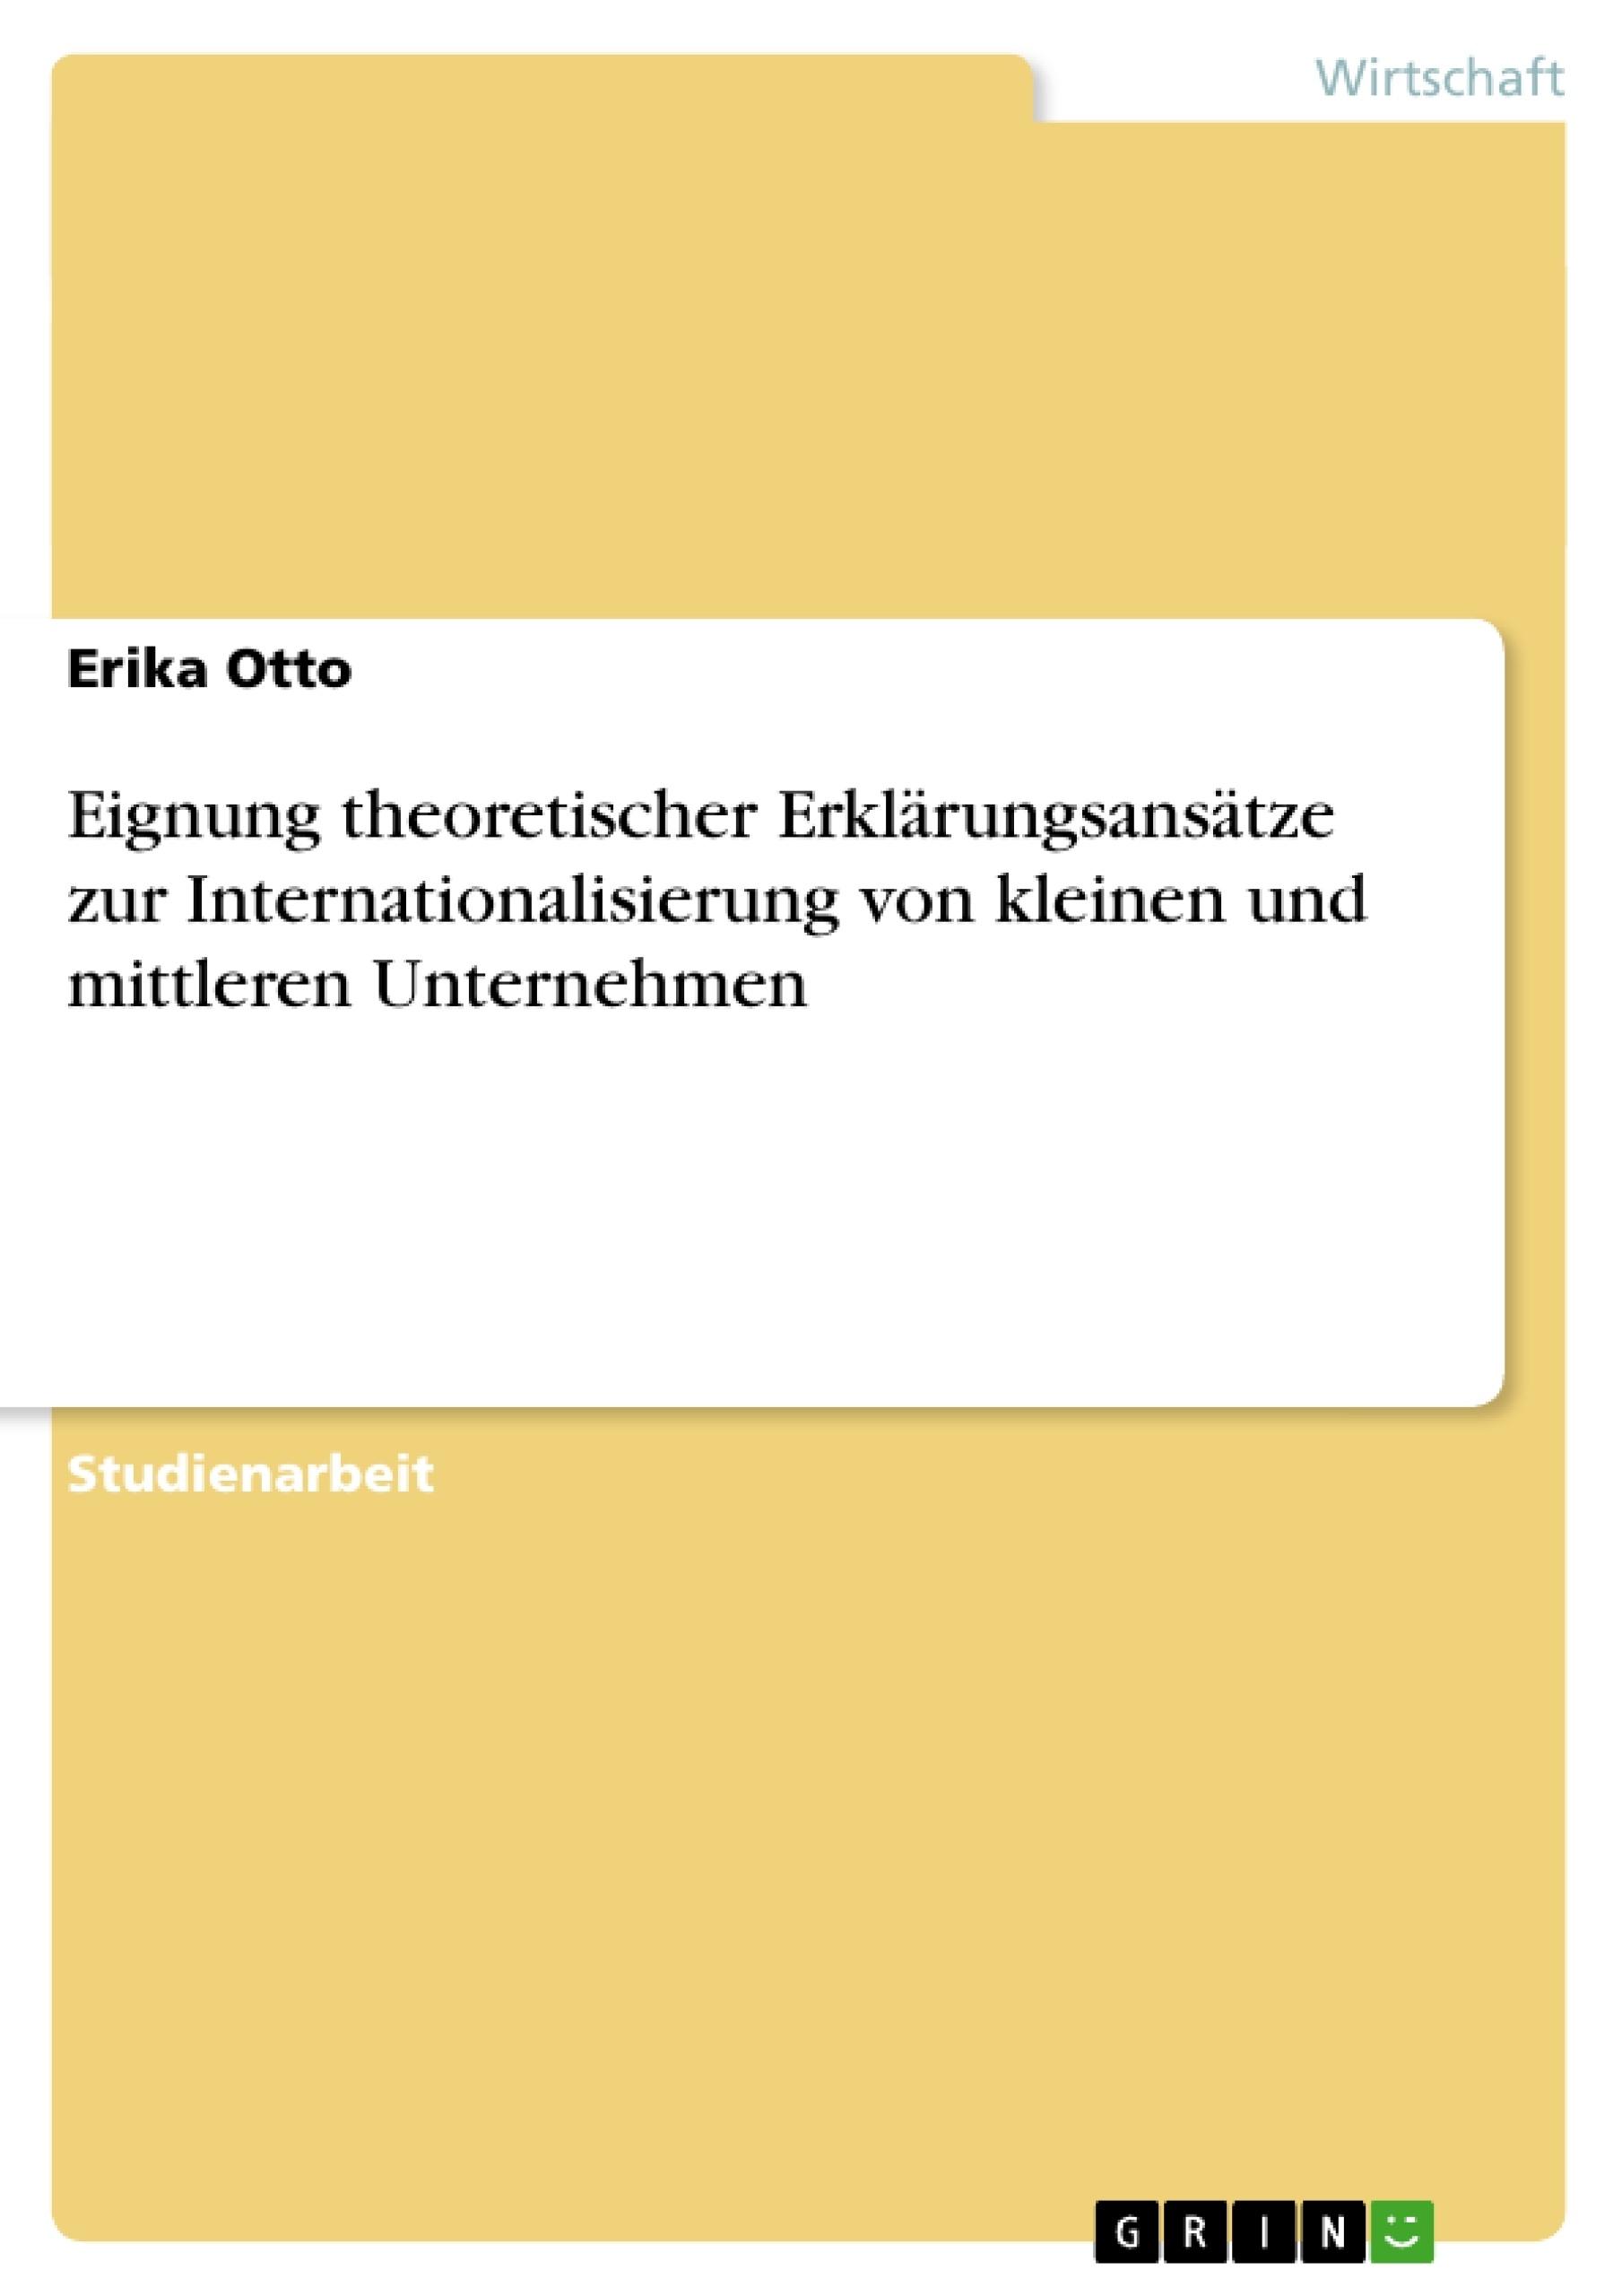 Titel: Eignung theoretischer Erklärungsansätze zur Internationalisierung von kleinen und mittleren Unternehmen